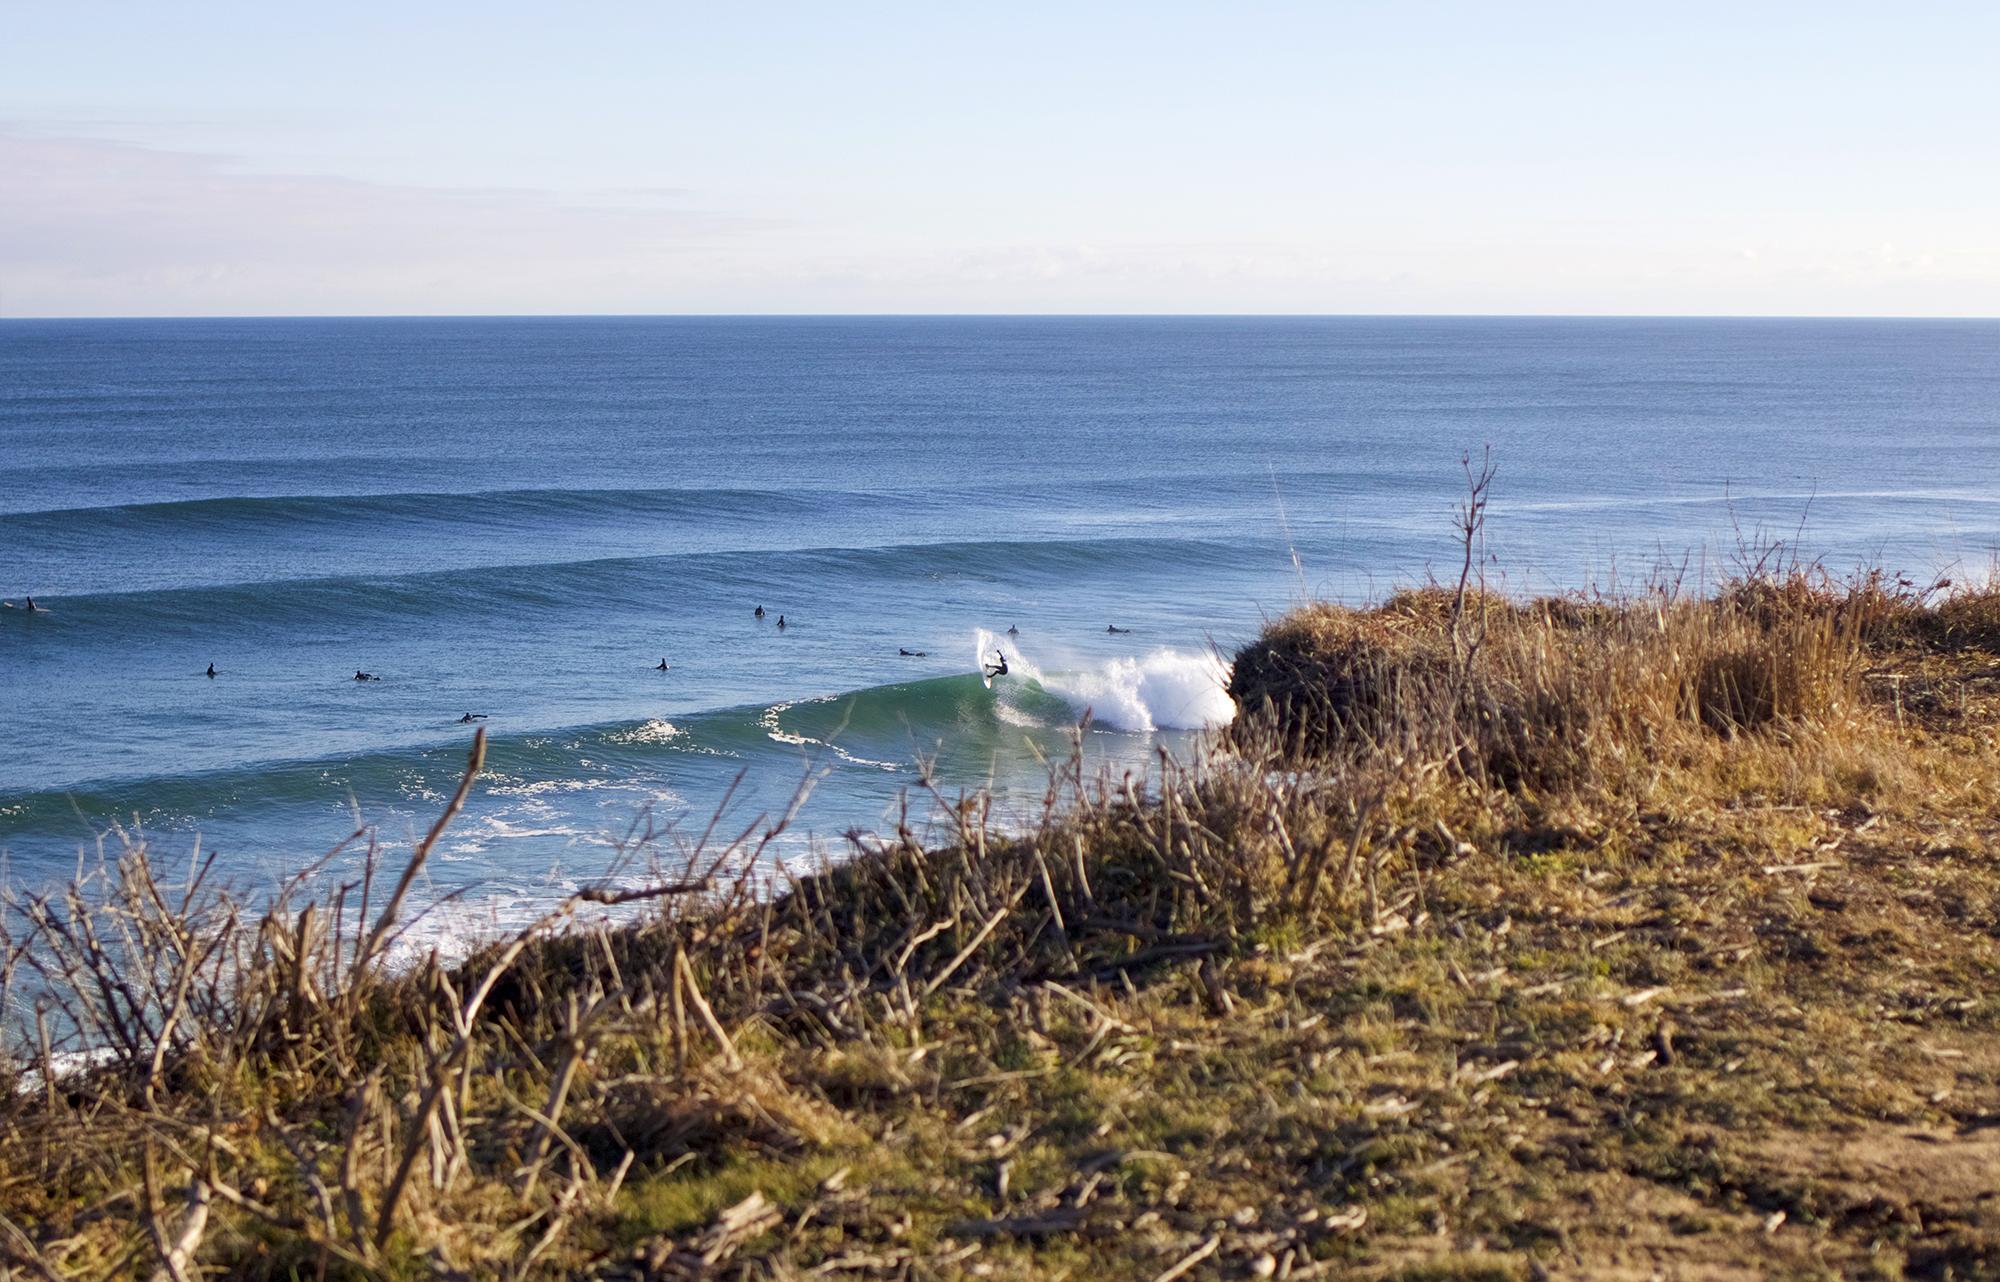 1-19-17 MTK Surfer Wave EST 1.jpg